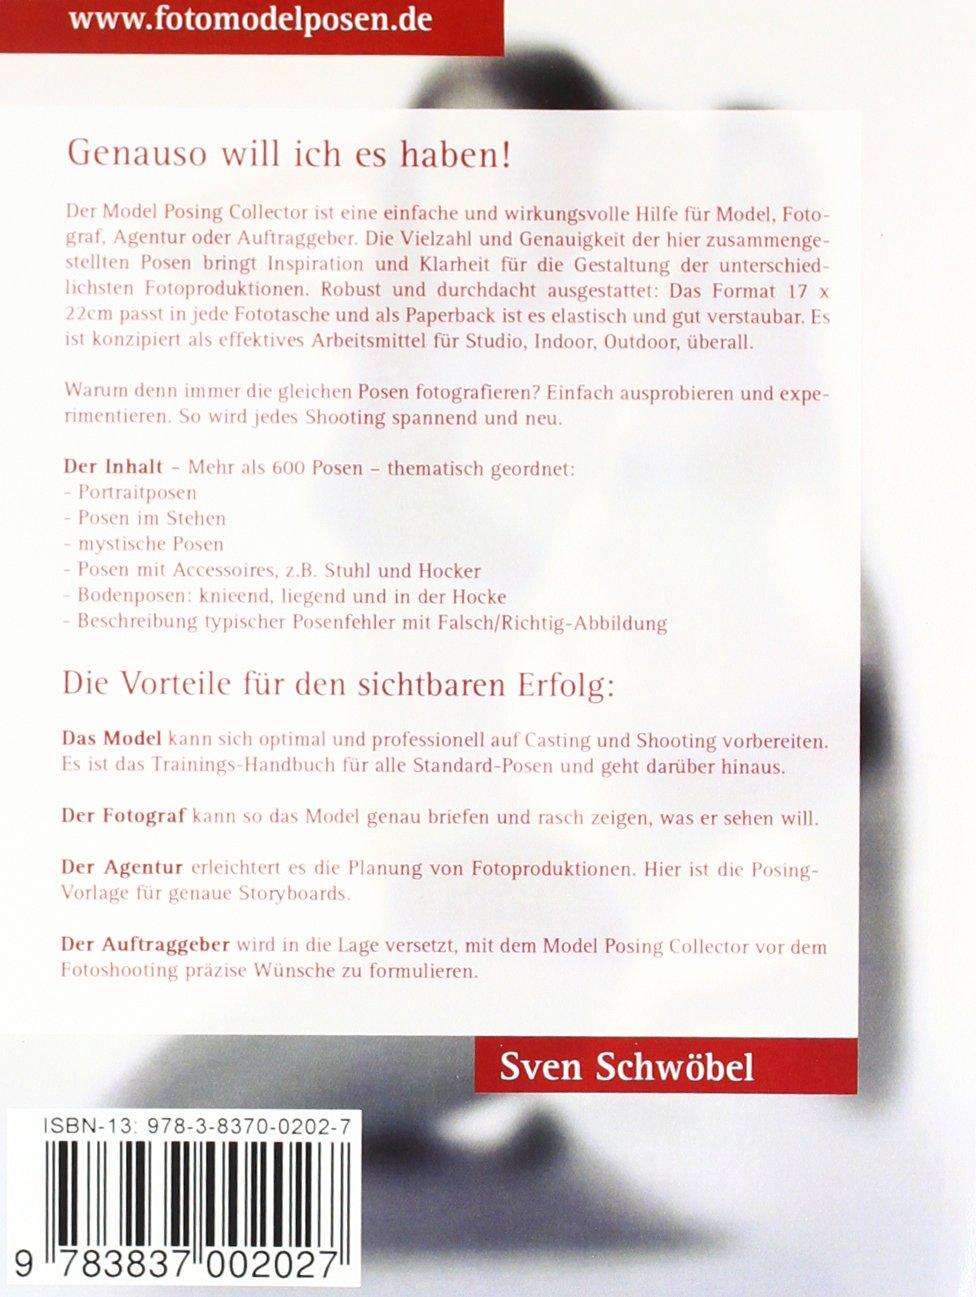 Wunderbar Trainingshandbuch Vorlage Kostenlos Fotos - Beispiel ...